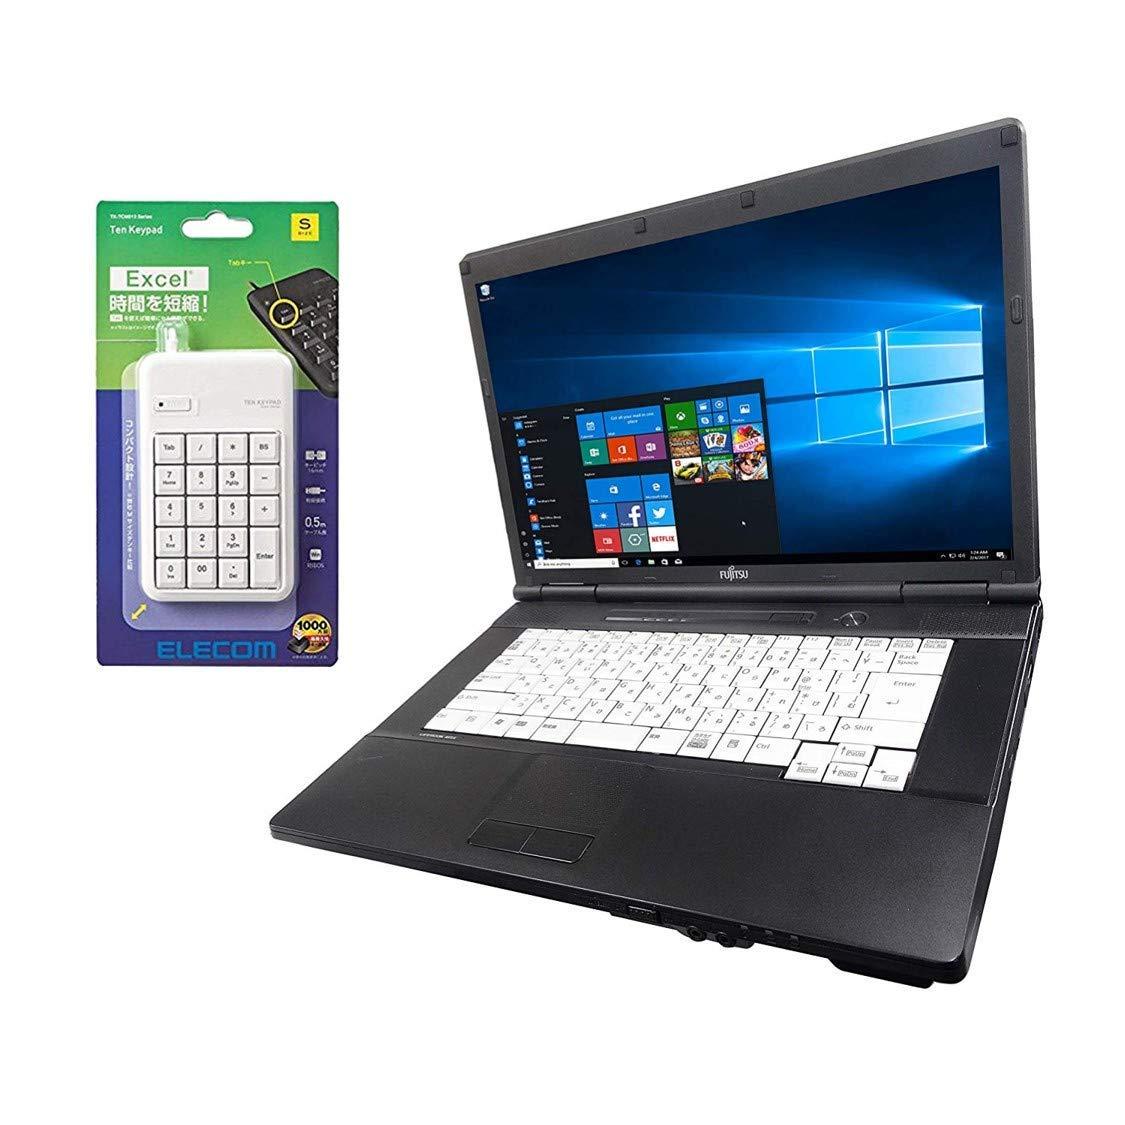 【中古】【Office搭載】【Win A561/C/第二世代Core 10搭載】富士通 Office付き 2.5GHz/メモリー4GB/新品SSD:120GB/DVDドライブ/外付き10キー付/大画面15インチ/無線LAN搭載/(中古マウス付き)(新品メモリー:8GB+新品SSD240G/480G)/WPS i5